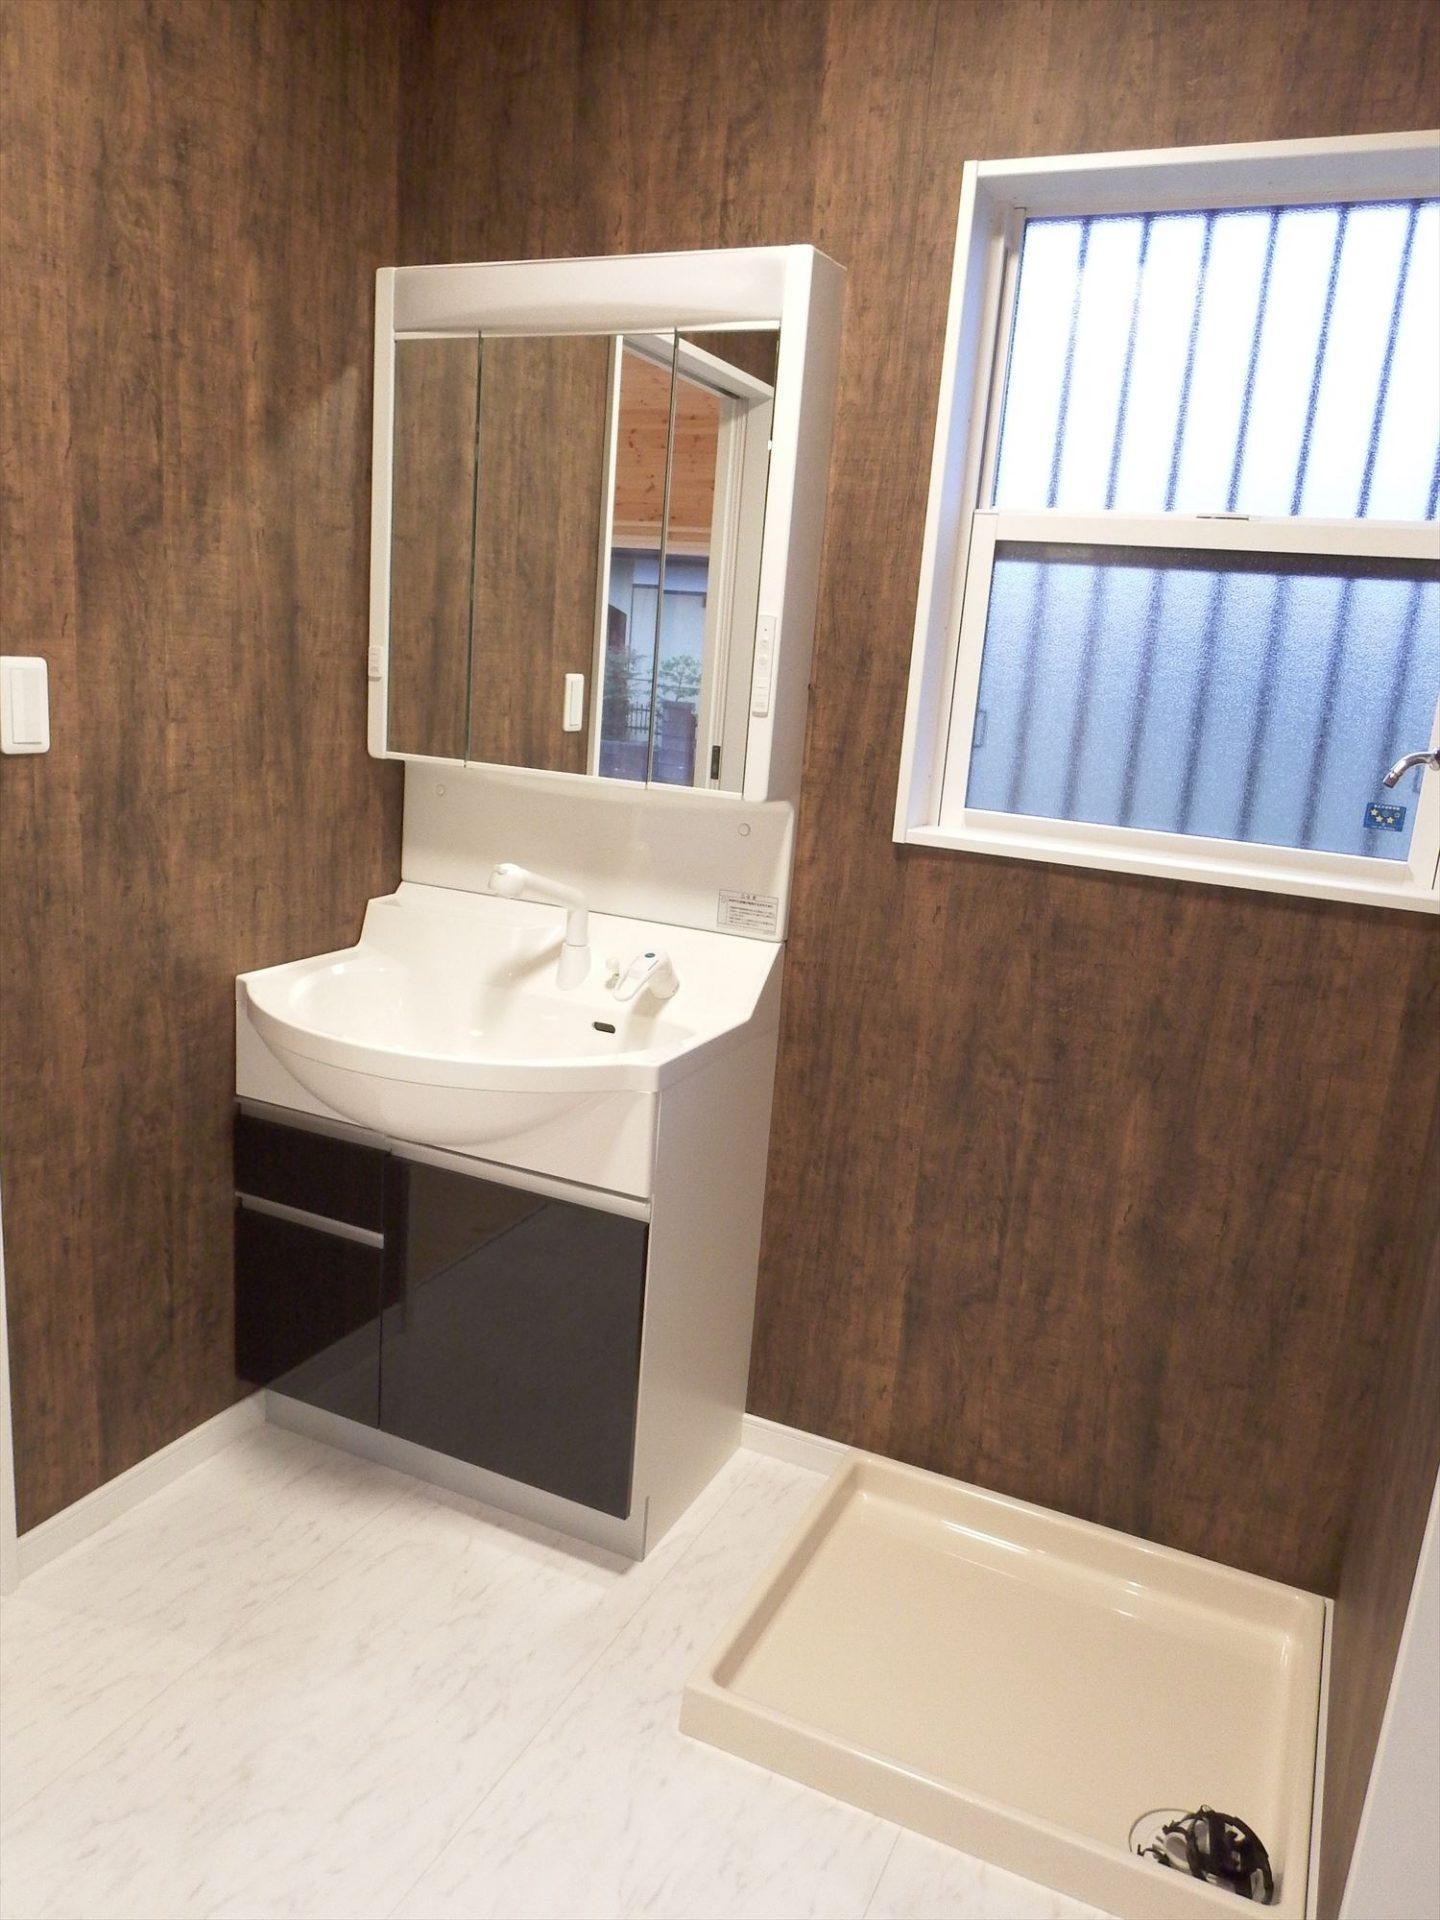 広々リビング平屋の洗面室|千葉市の注文住宅,ログハウスのような木の家を低価格で建てるならエイ・ワン